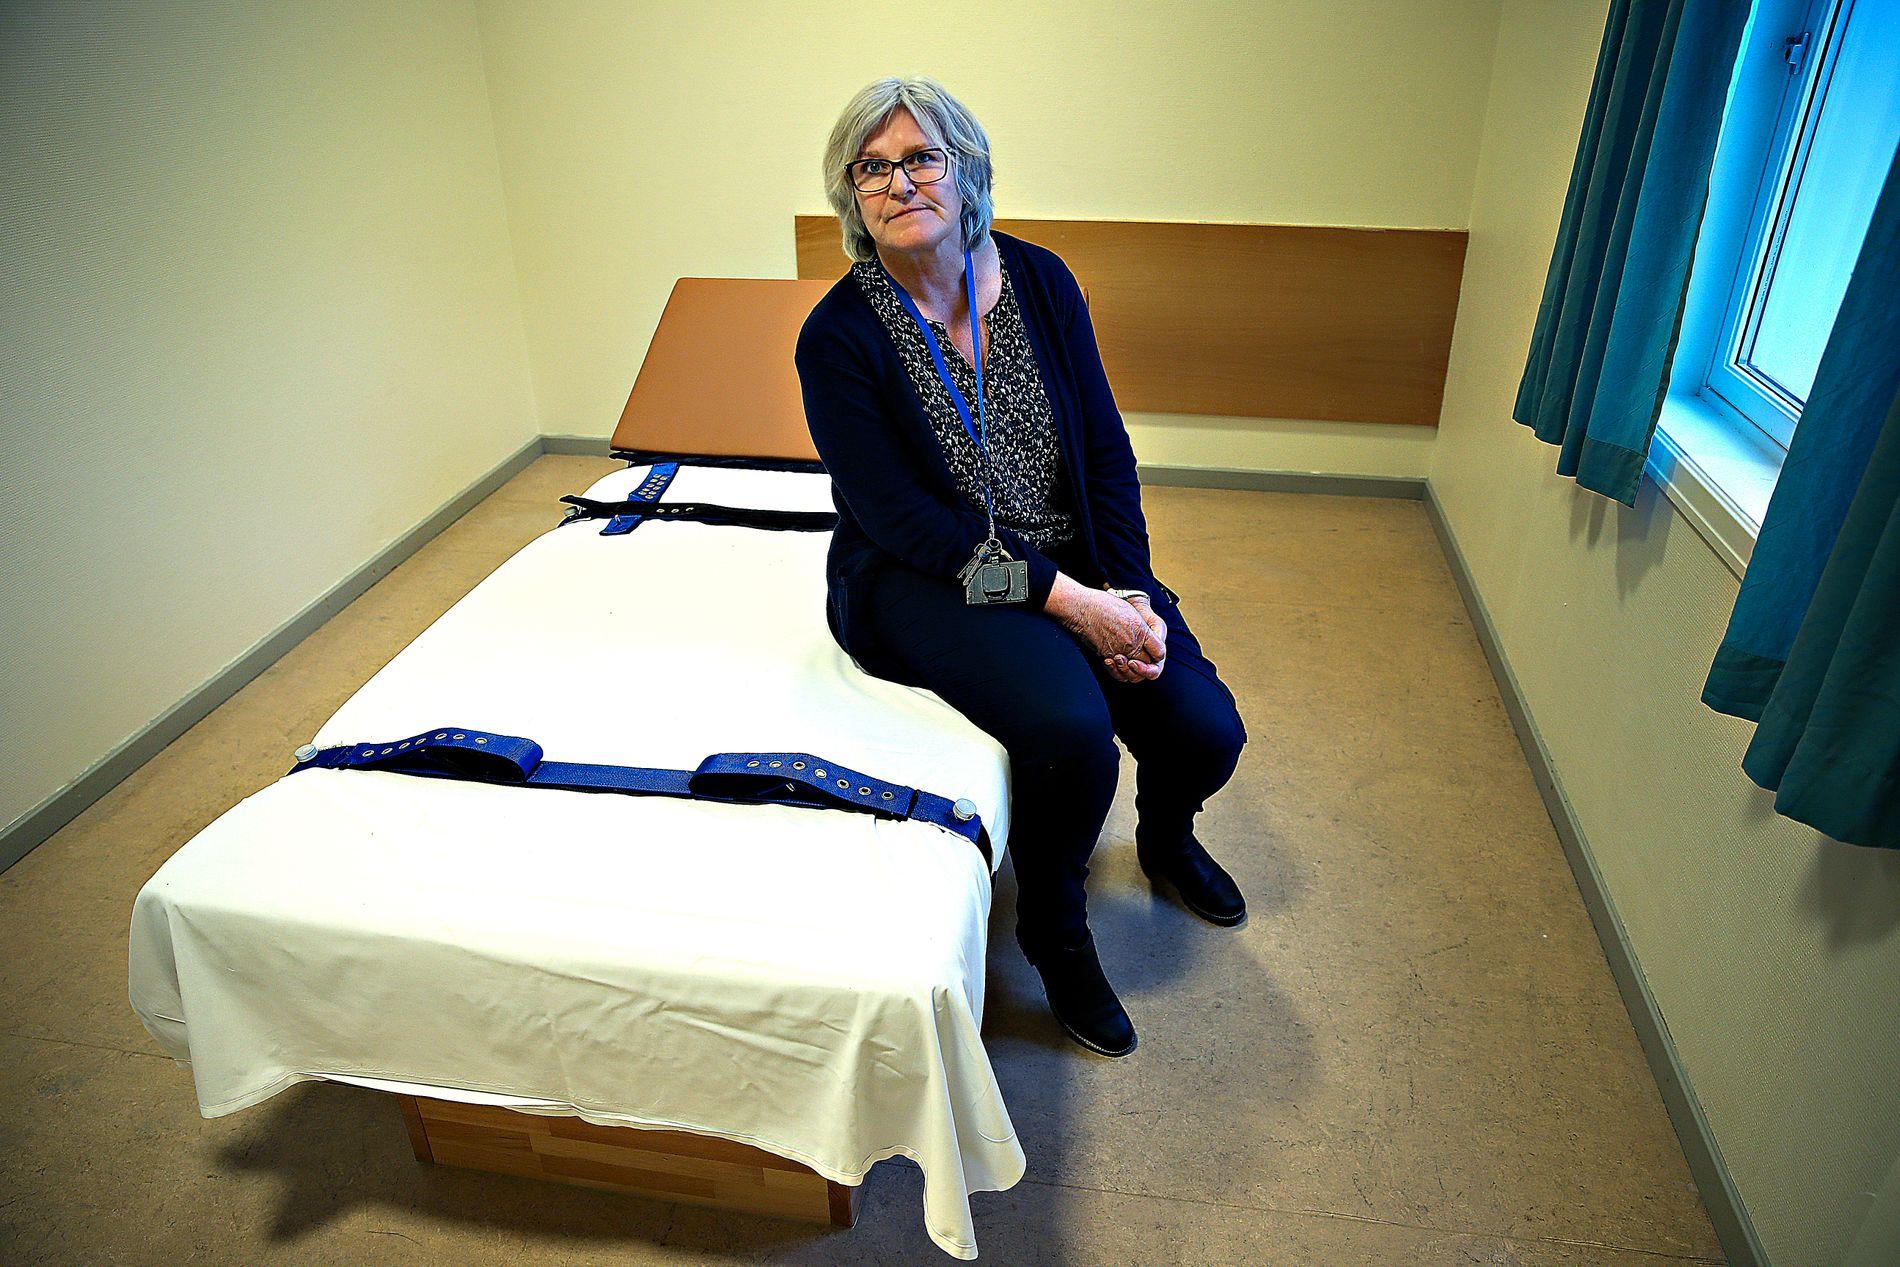 SKUFFET: Klinikksjef Kristin Jordheim Bovim, ved Haukeland universitetssykehus har fått vite at de heller ikke i år vil få oppfylt lovnadene om et nytt journalsystem for bruk av tvangsmidler.